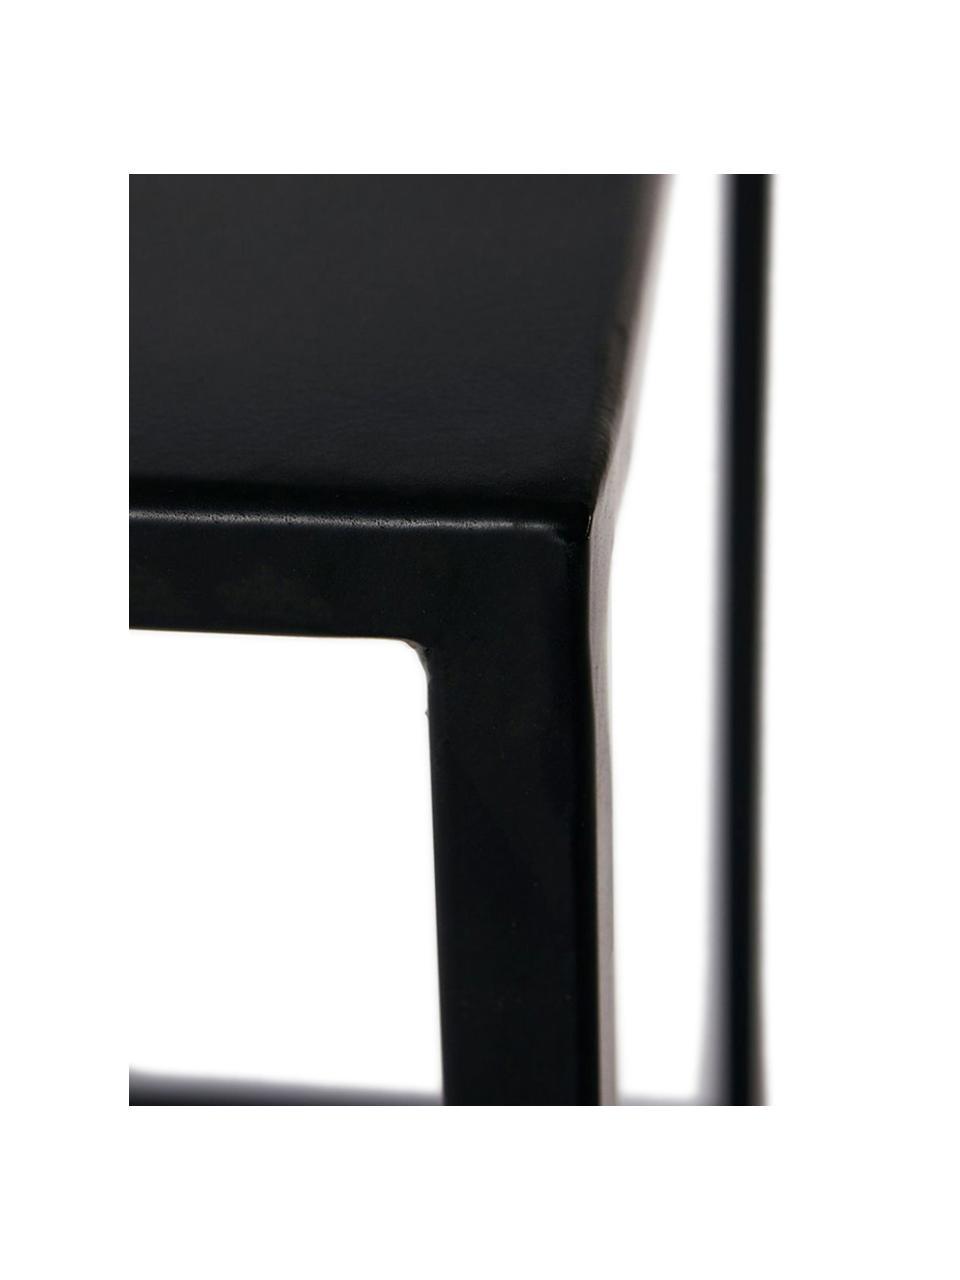 Duży stolik kawowy Tikota, Metal malowany proszkowo, Czarny, S 100 x G 100 cm